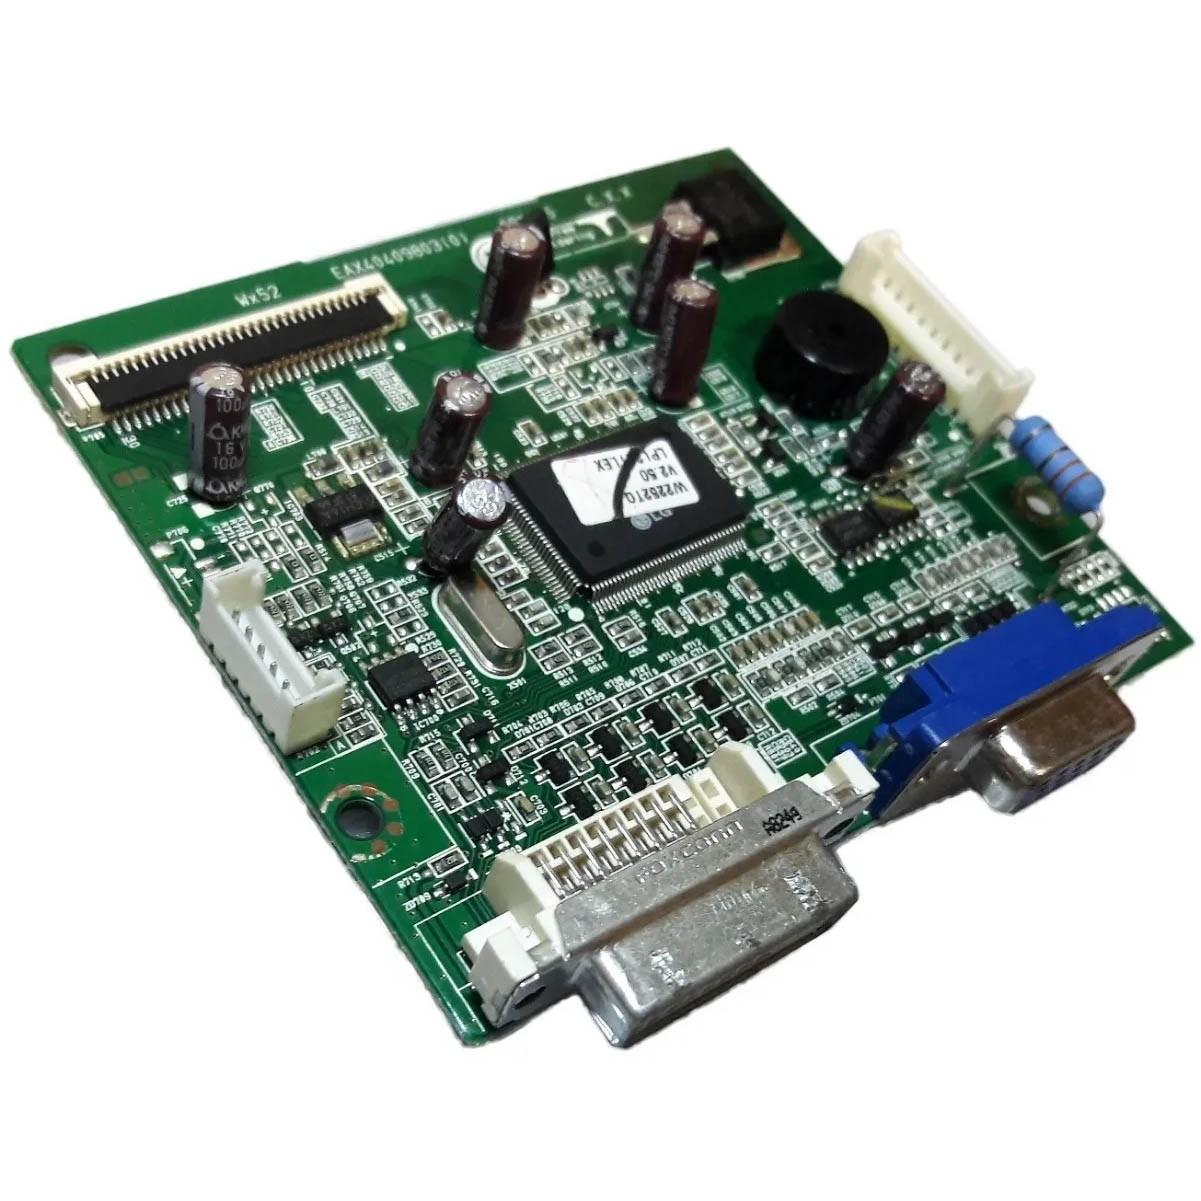 Placa Principal + Cabo Flat Monitor LG W2252tq-pf PN:Eax40409803 (0) - Retirado